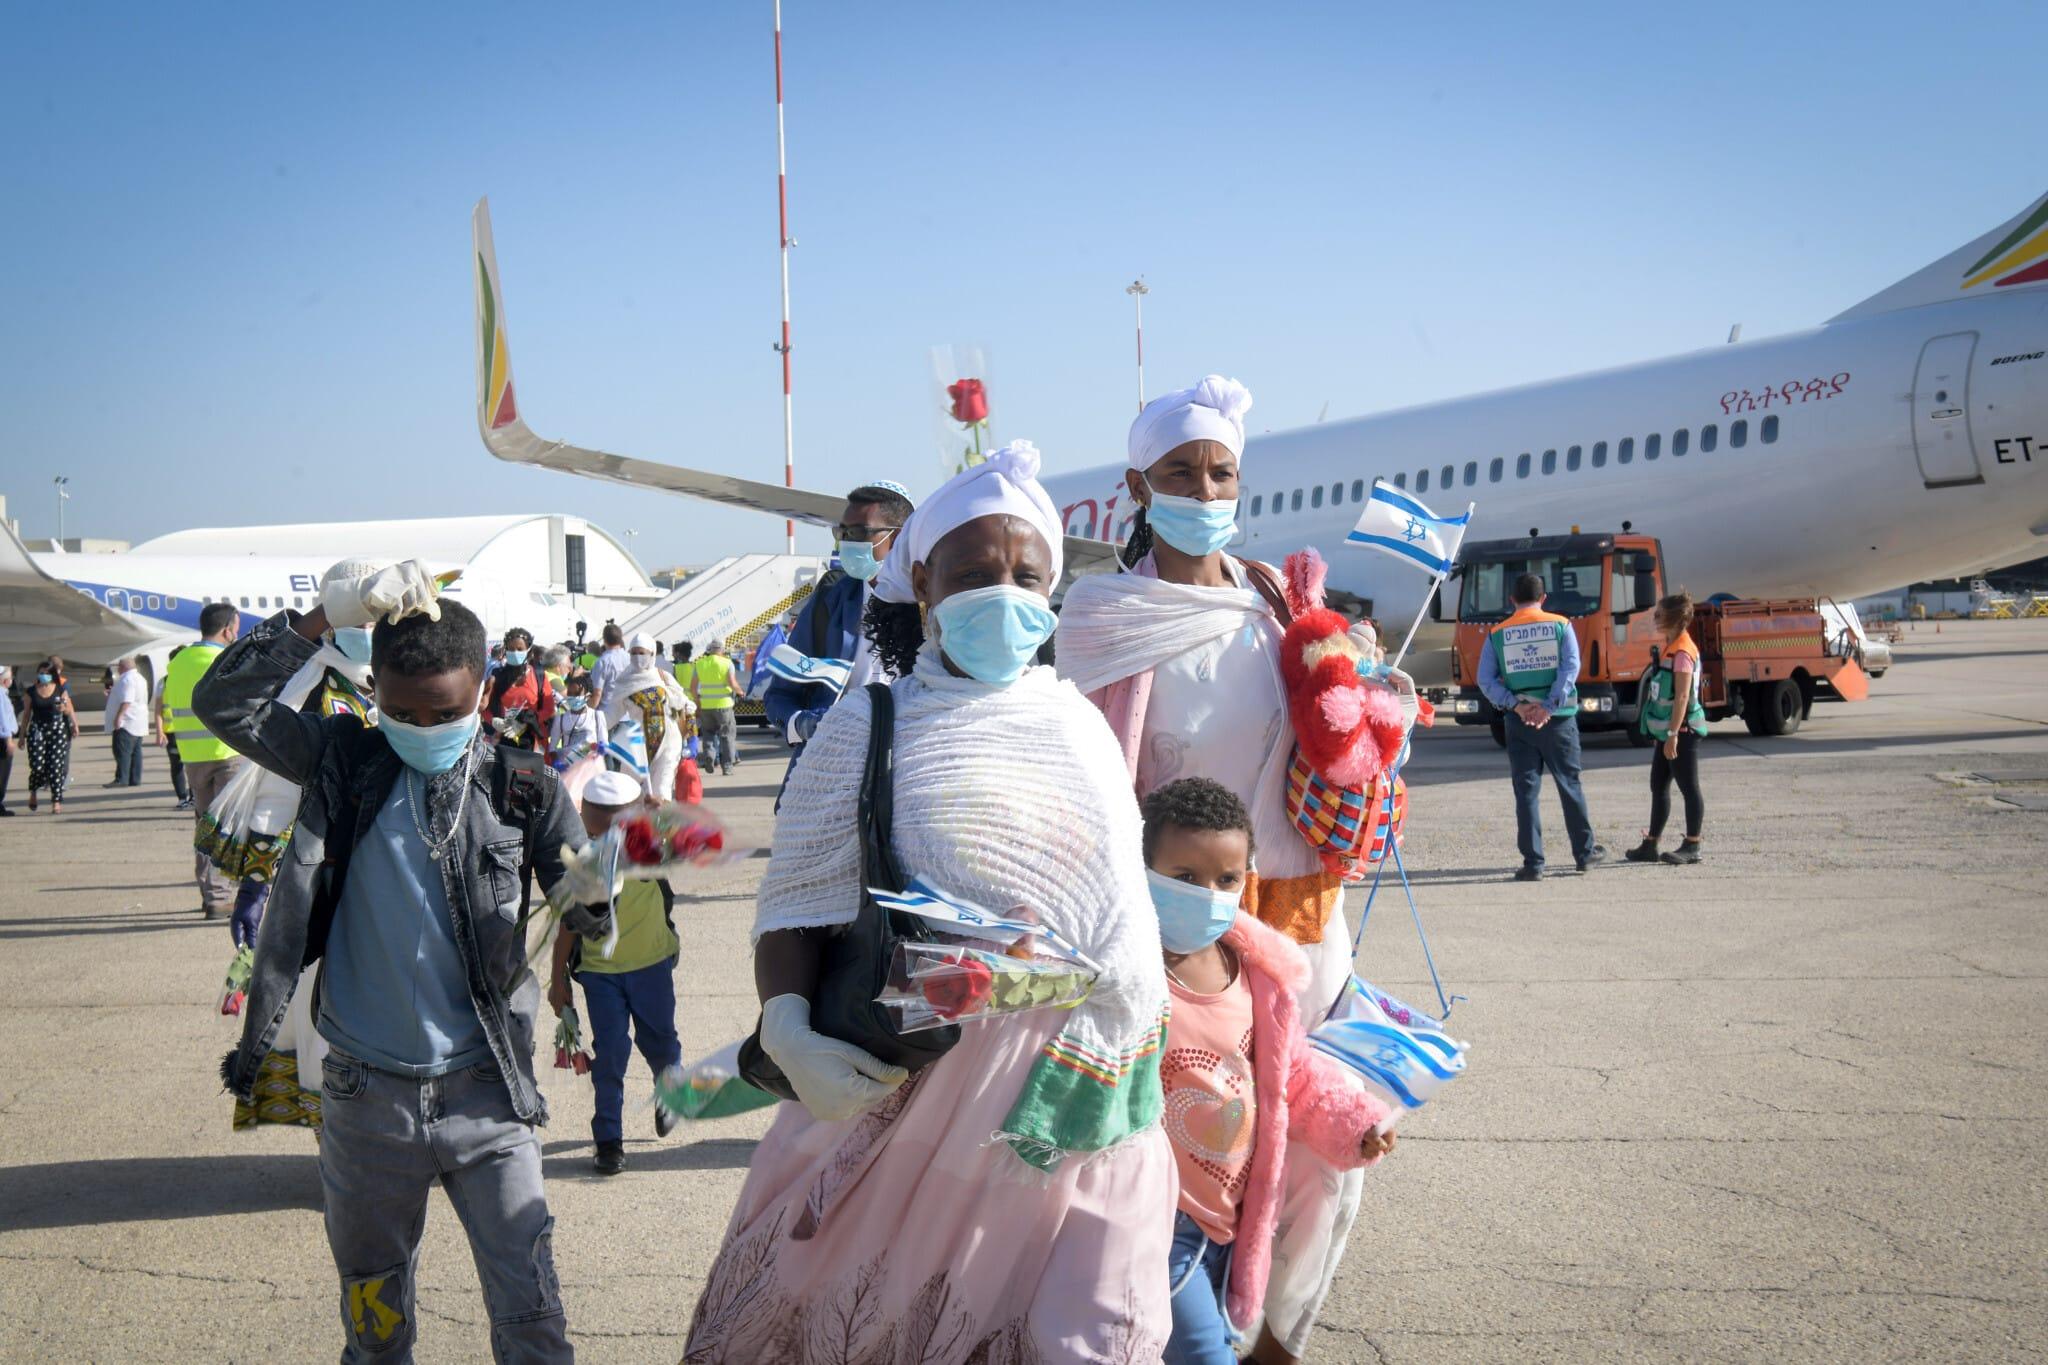 אילוסטרציה, כמאה יהודים מאתיופיה עולים לישראל, מאי 2020, למצולמים אין קשר לנאמר בכתבה (צילום: פלאש 90)